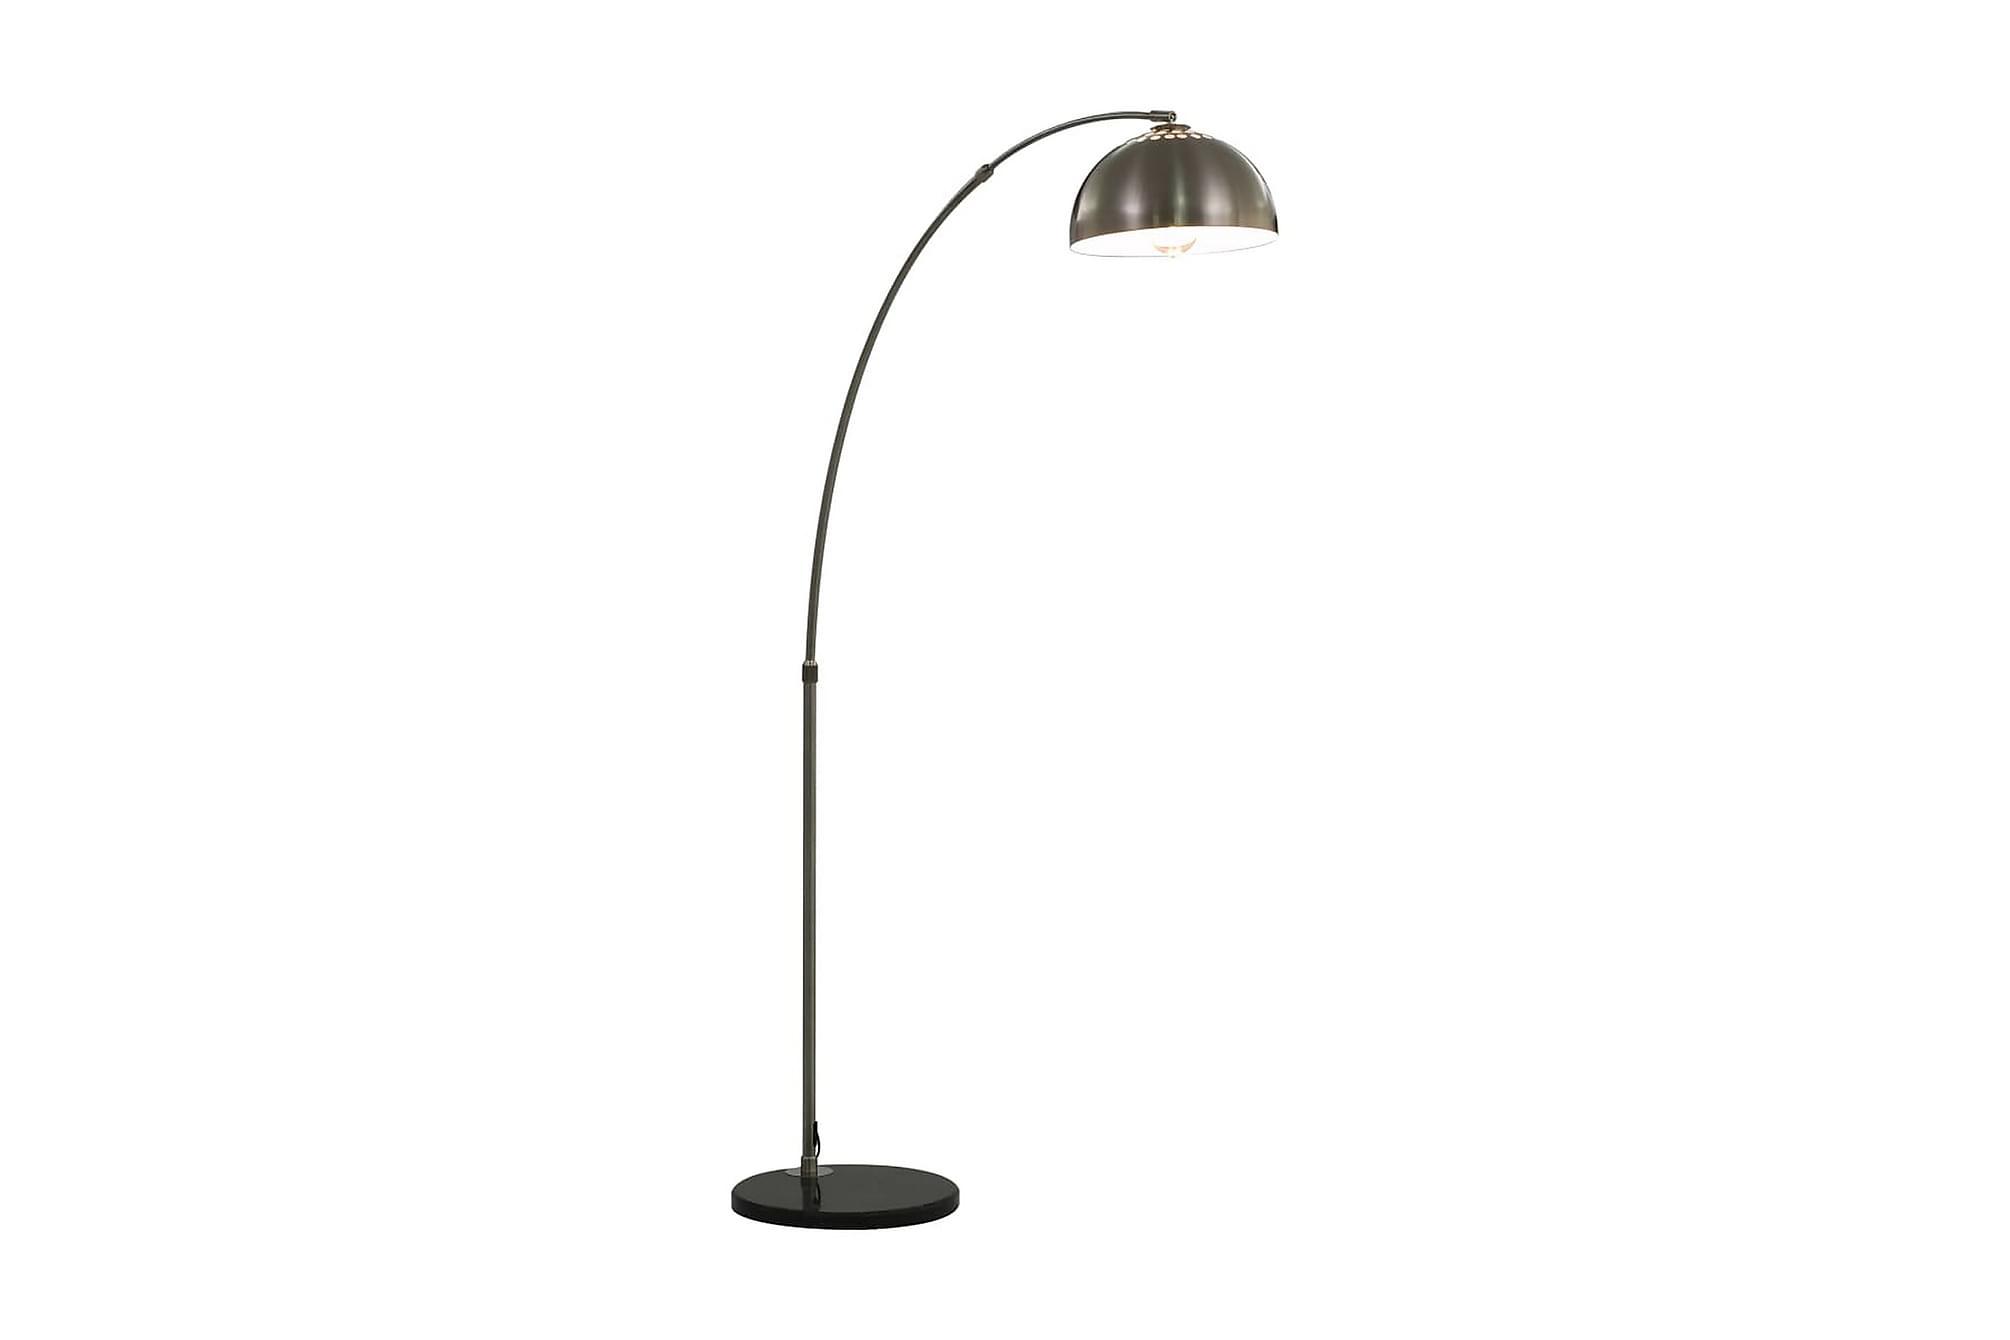 Båglampa 60 W silver E27 170 cm, Golvlampor